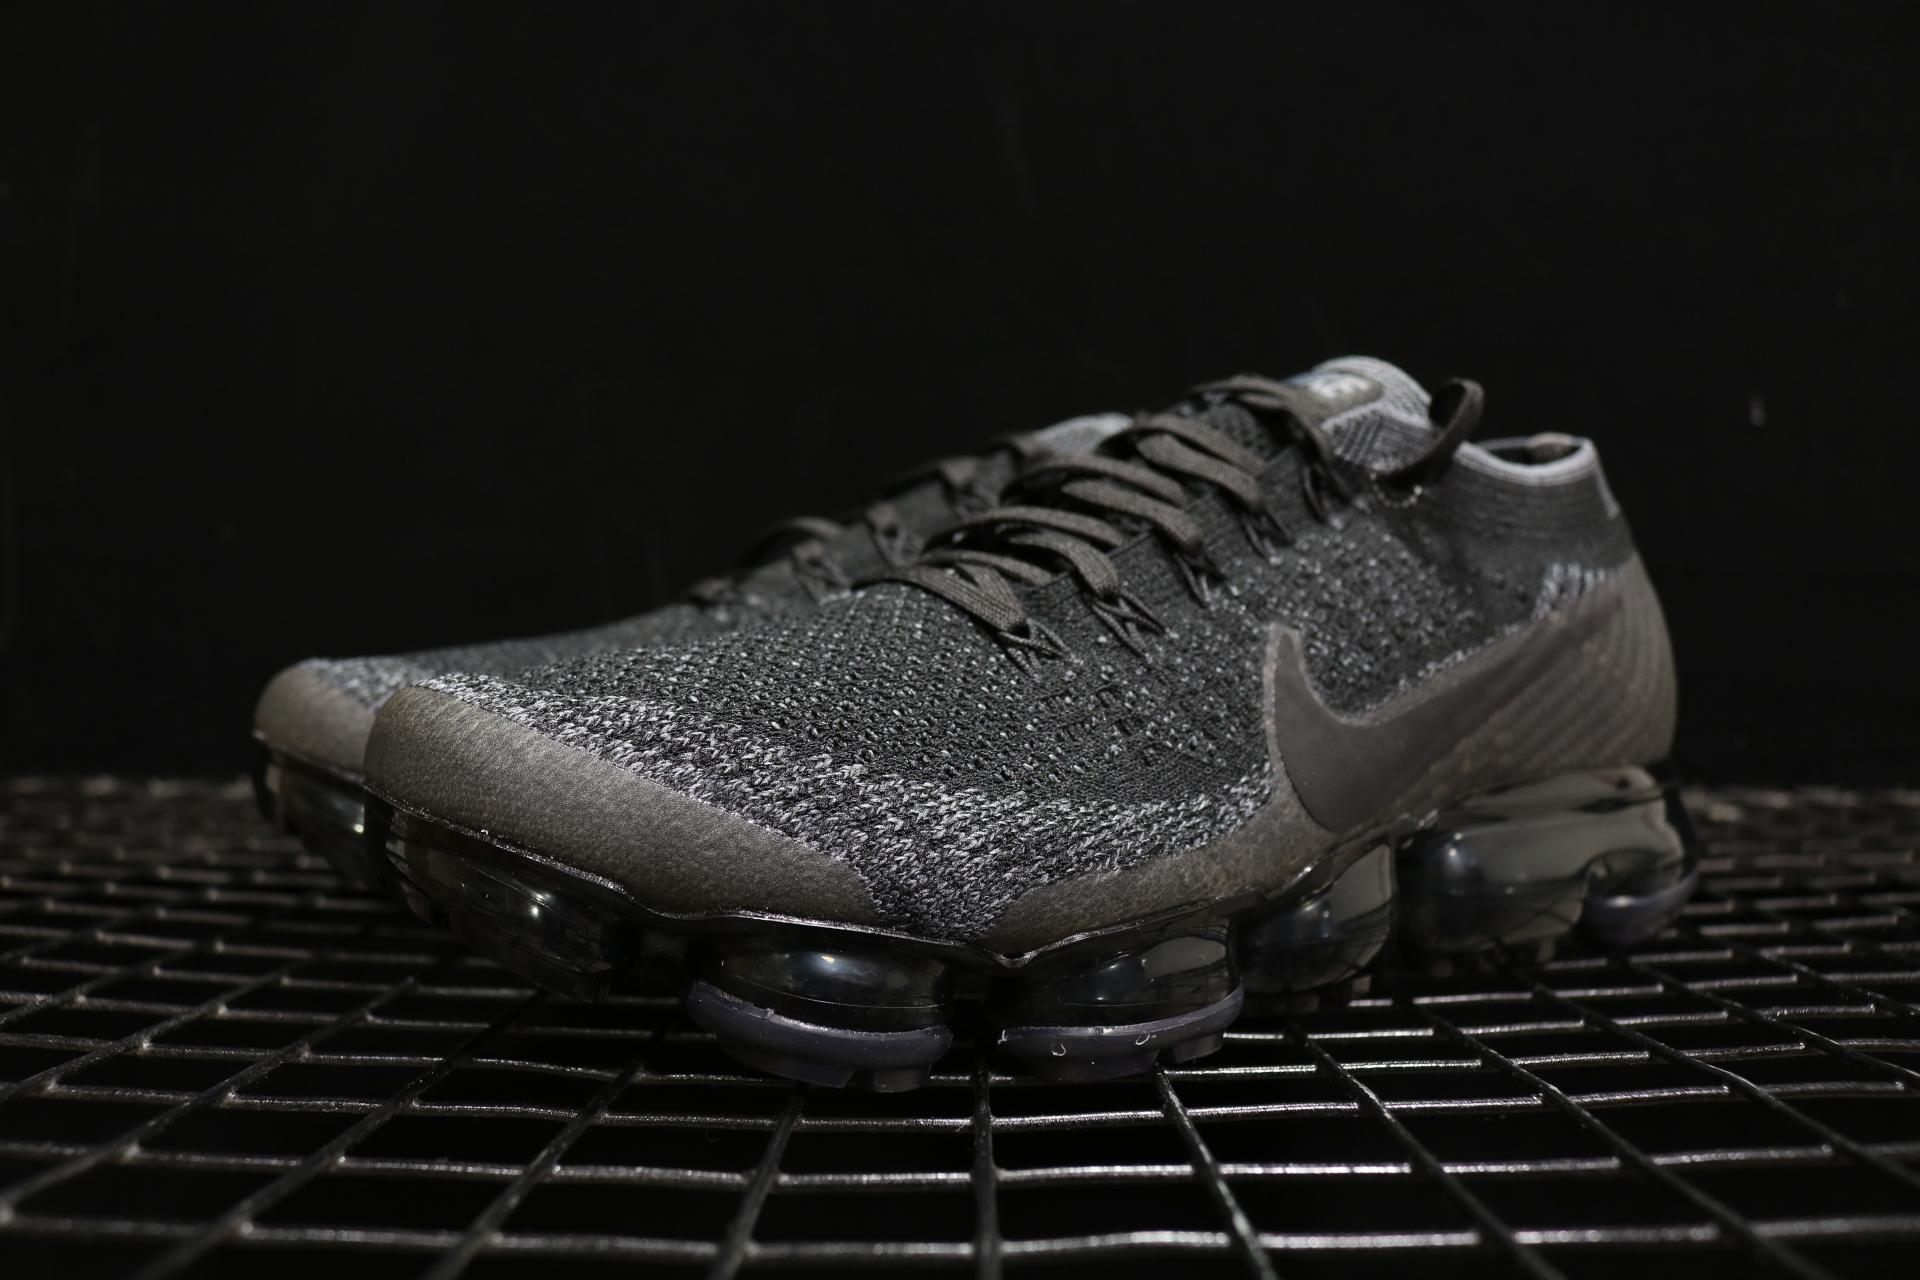 2017年发布的耐克运动鞋